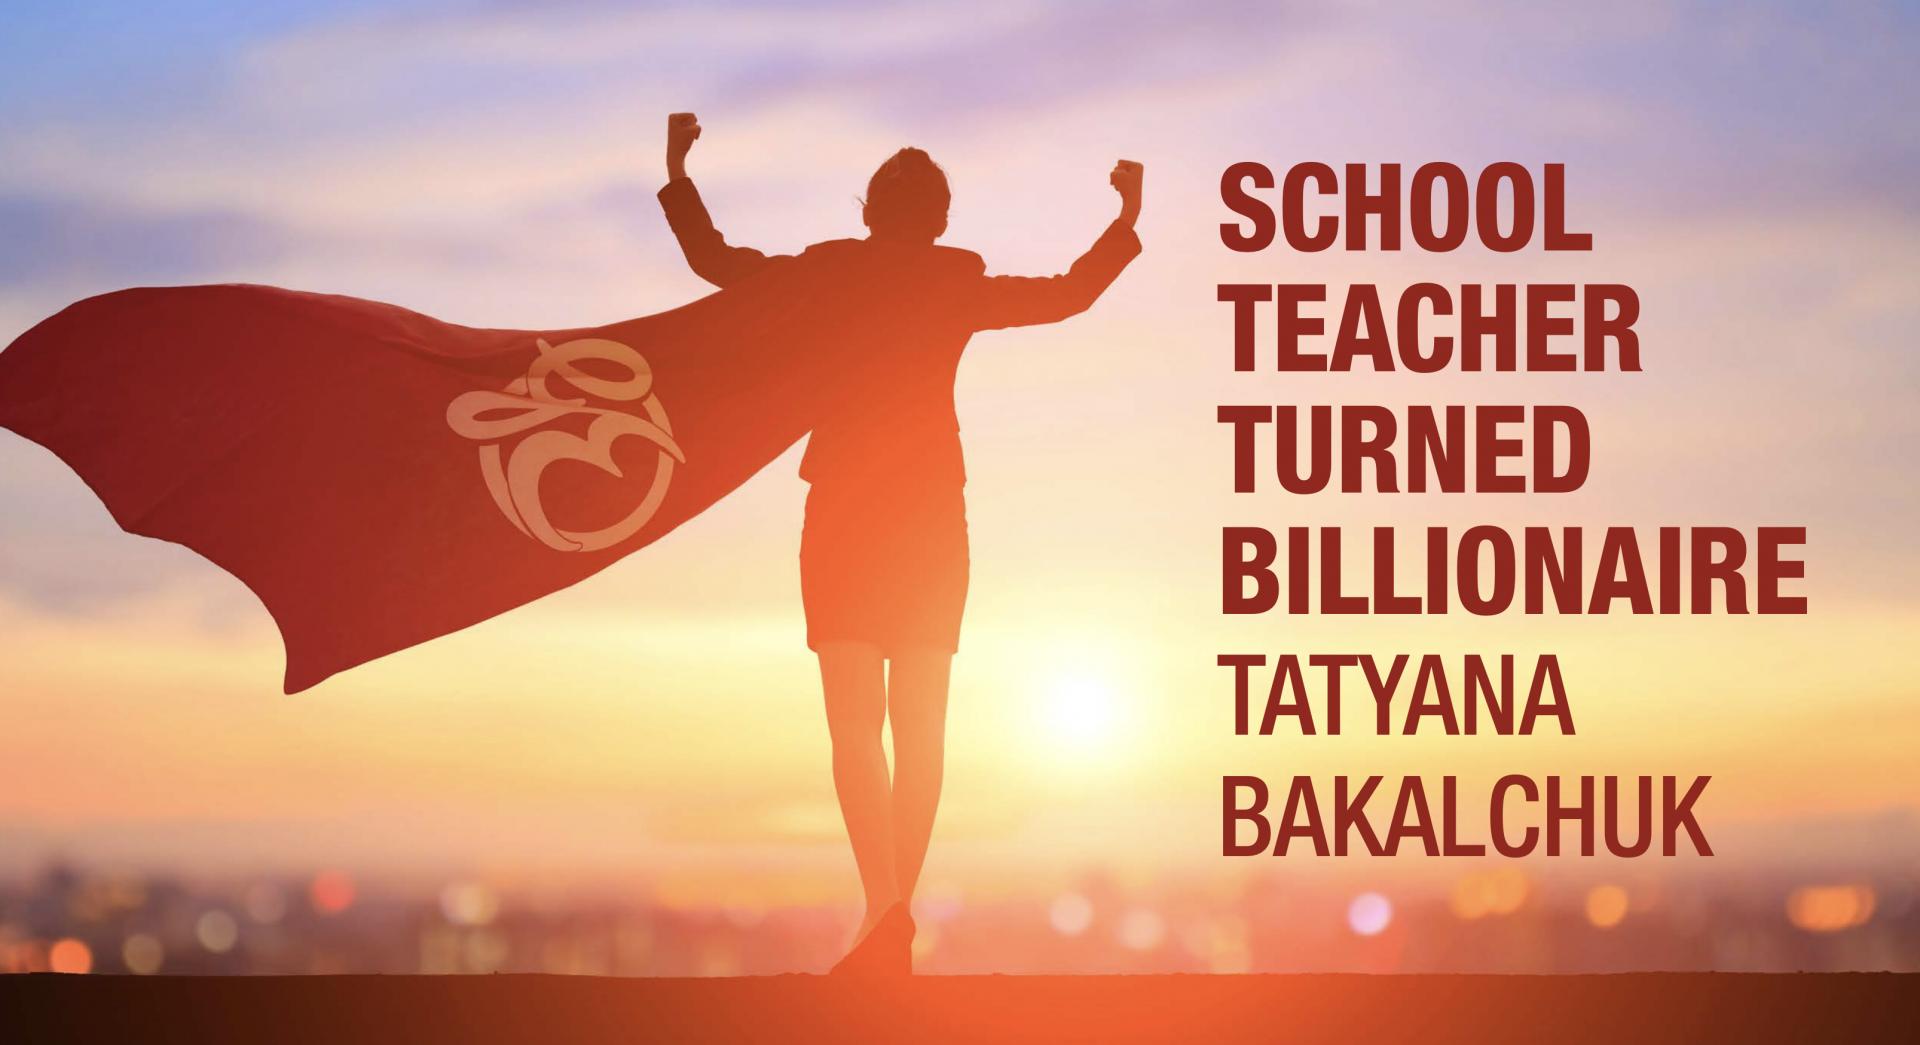 School Teacher Turned Billionaire Tatyana Bakalchuk